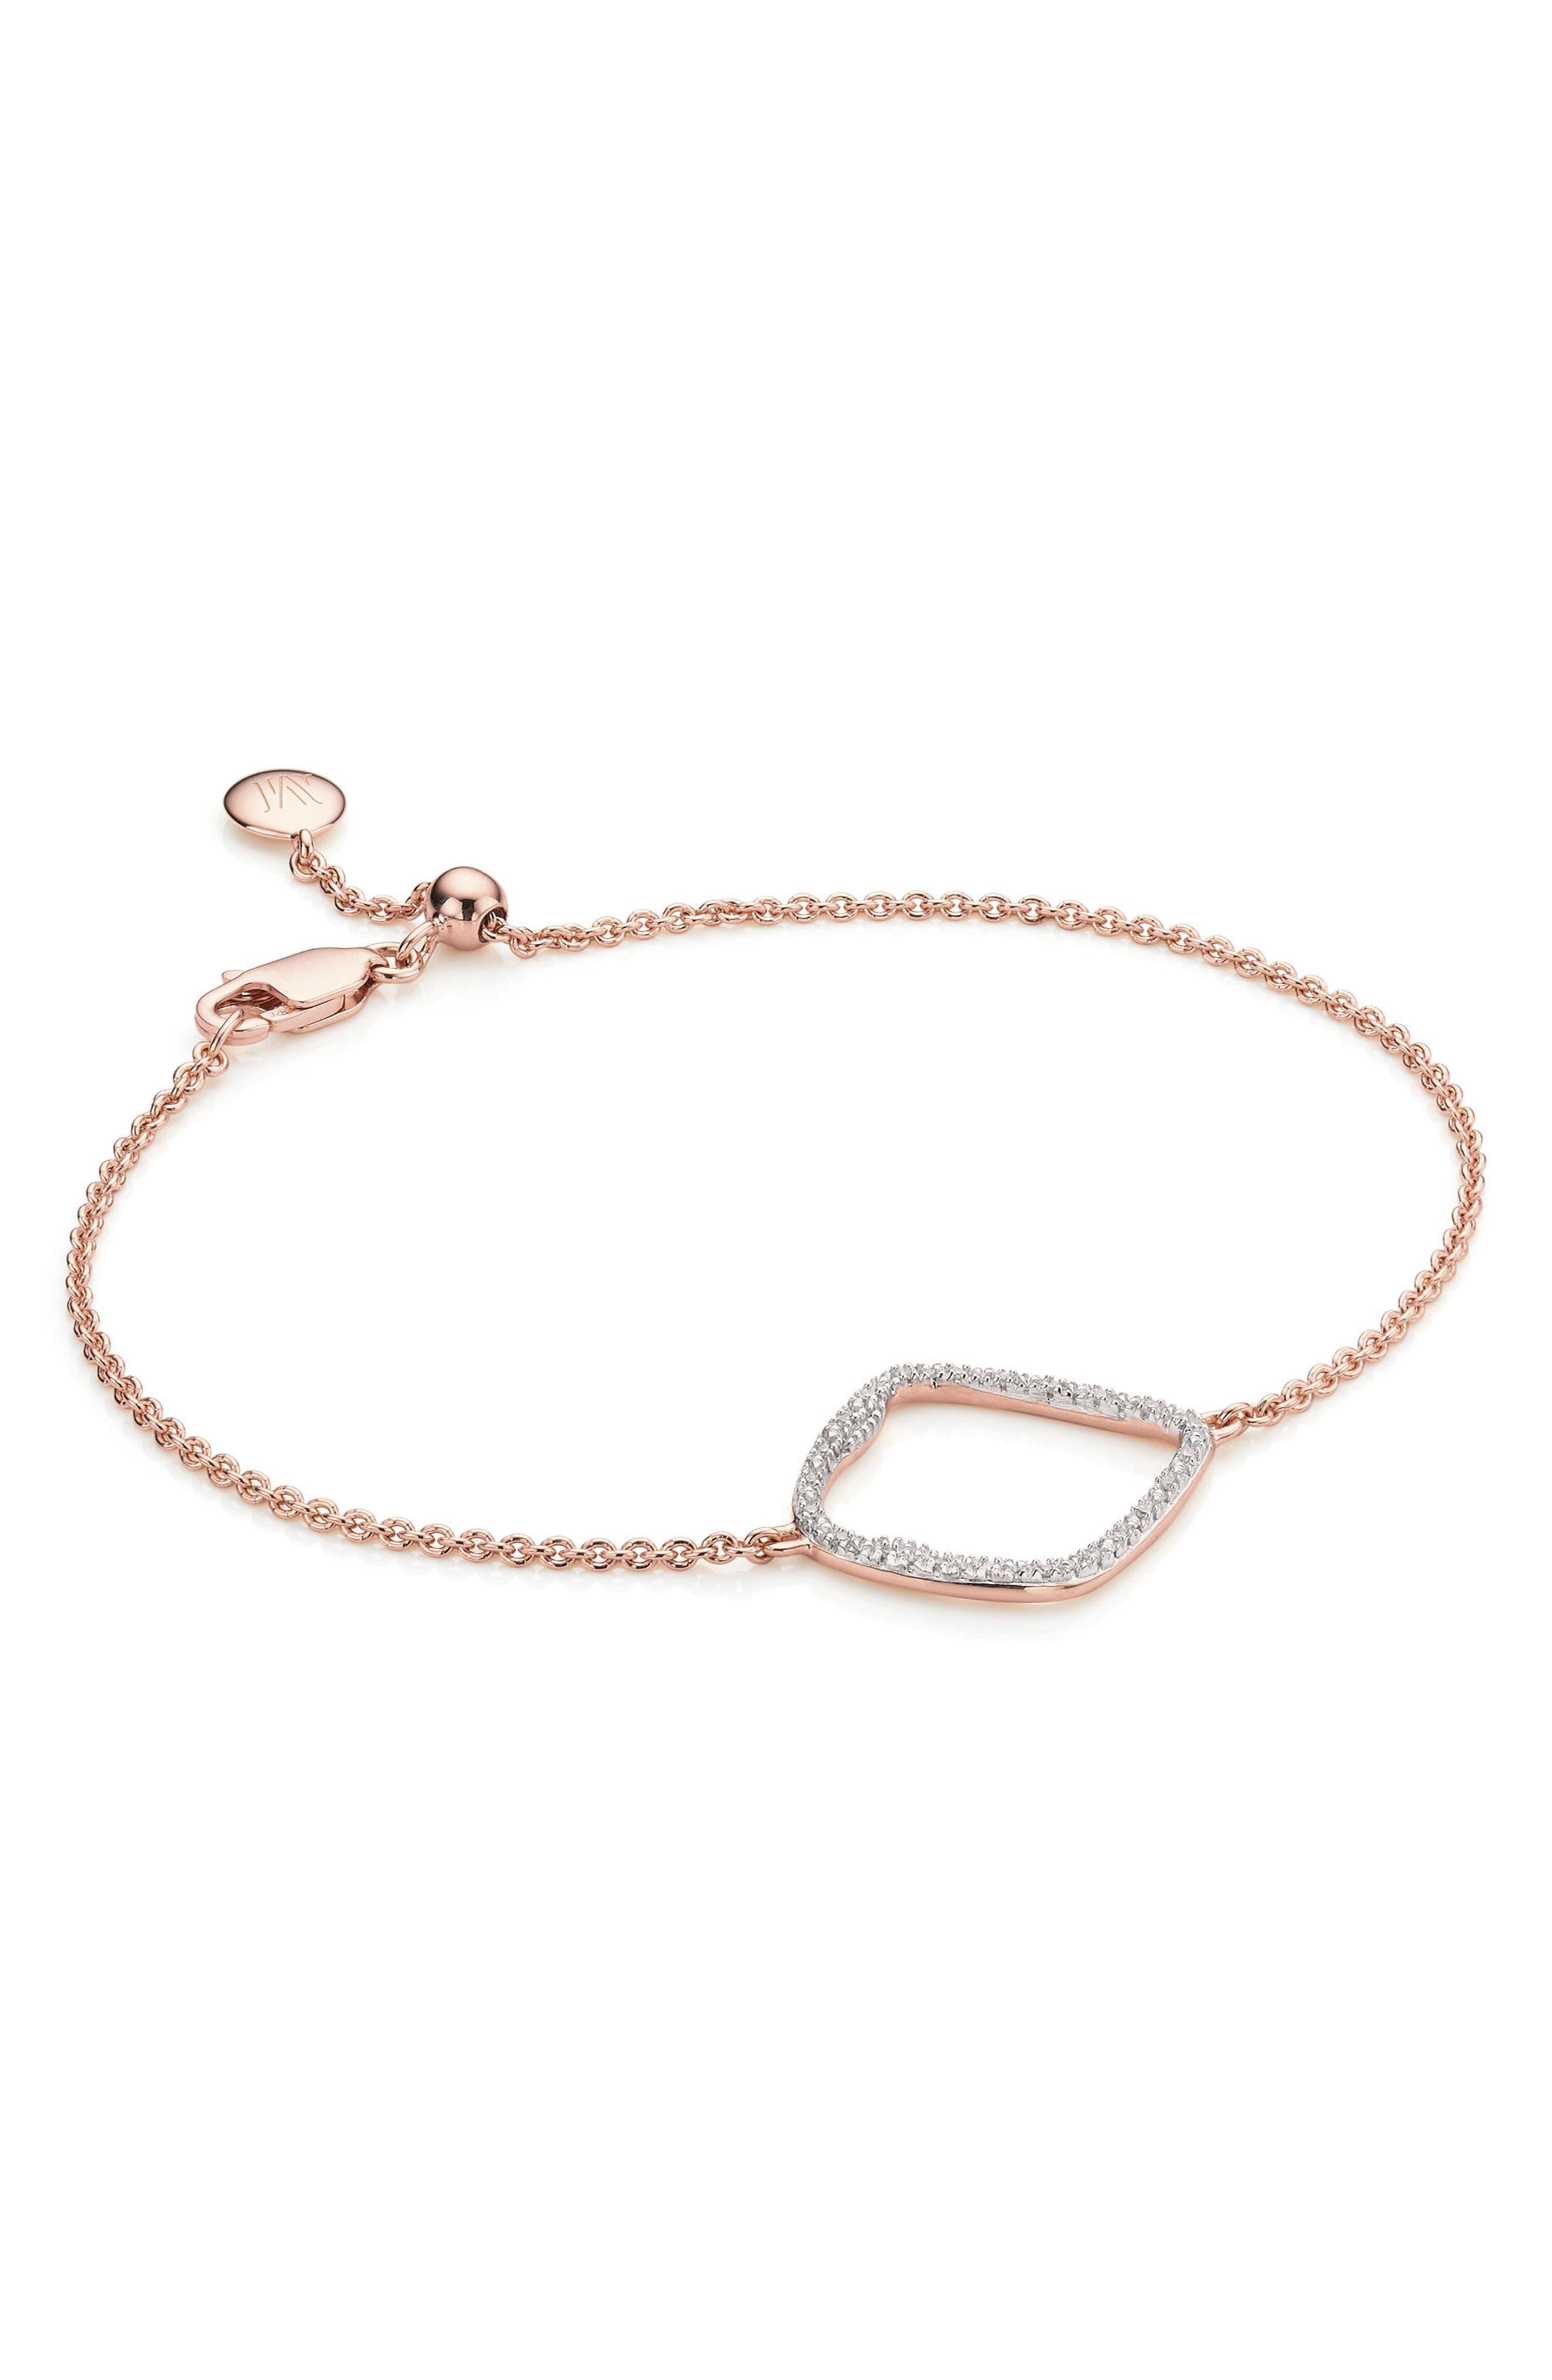 Riva Large Hoop Diamond Bracelet,                             Main thumbnail 1, color,                             Rose Gold